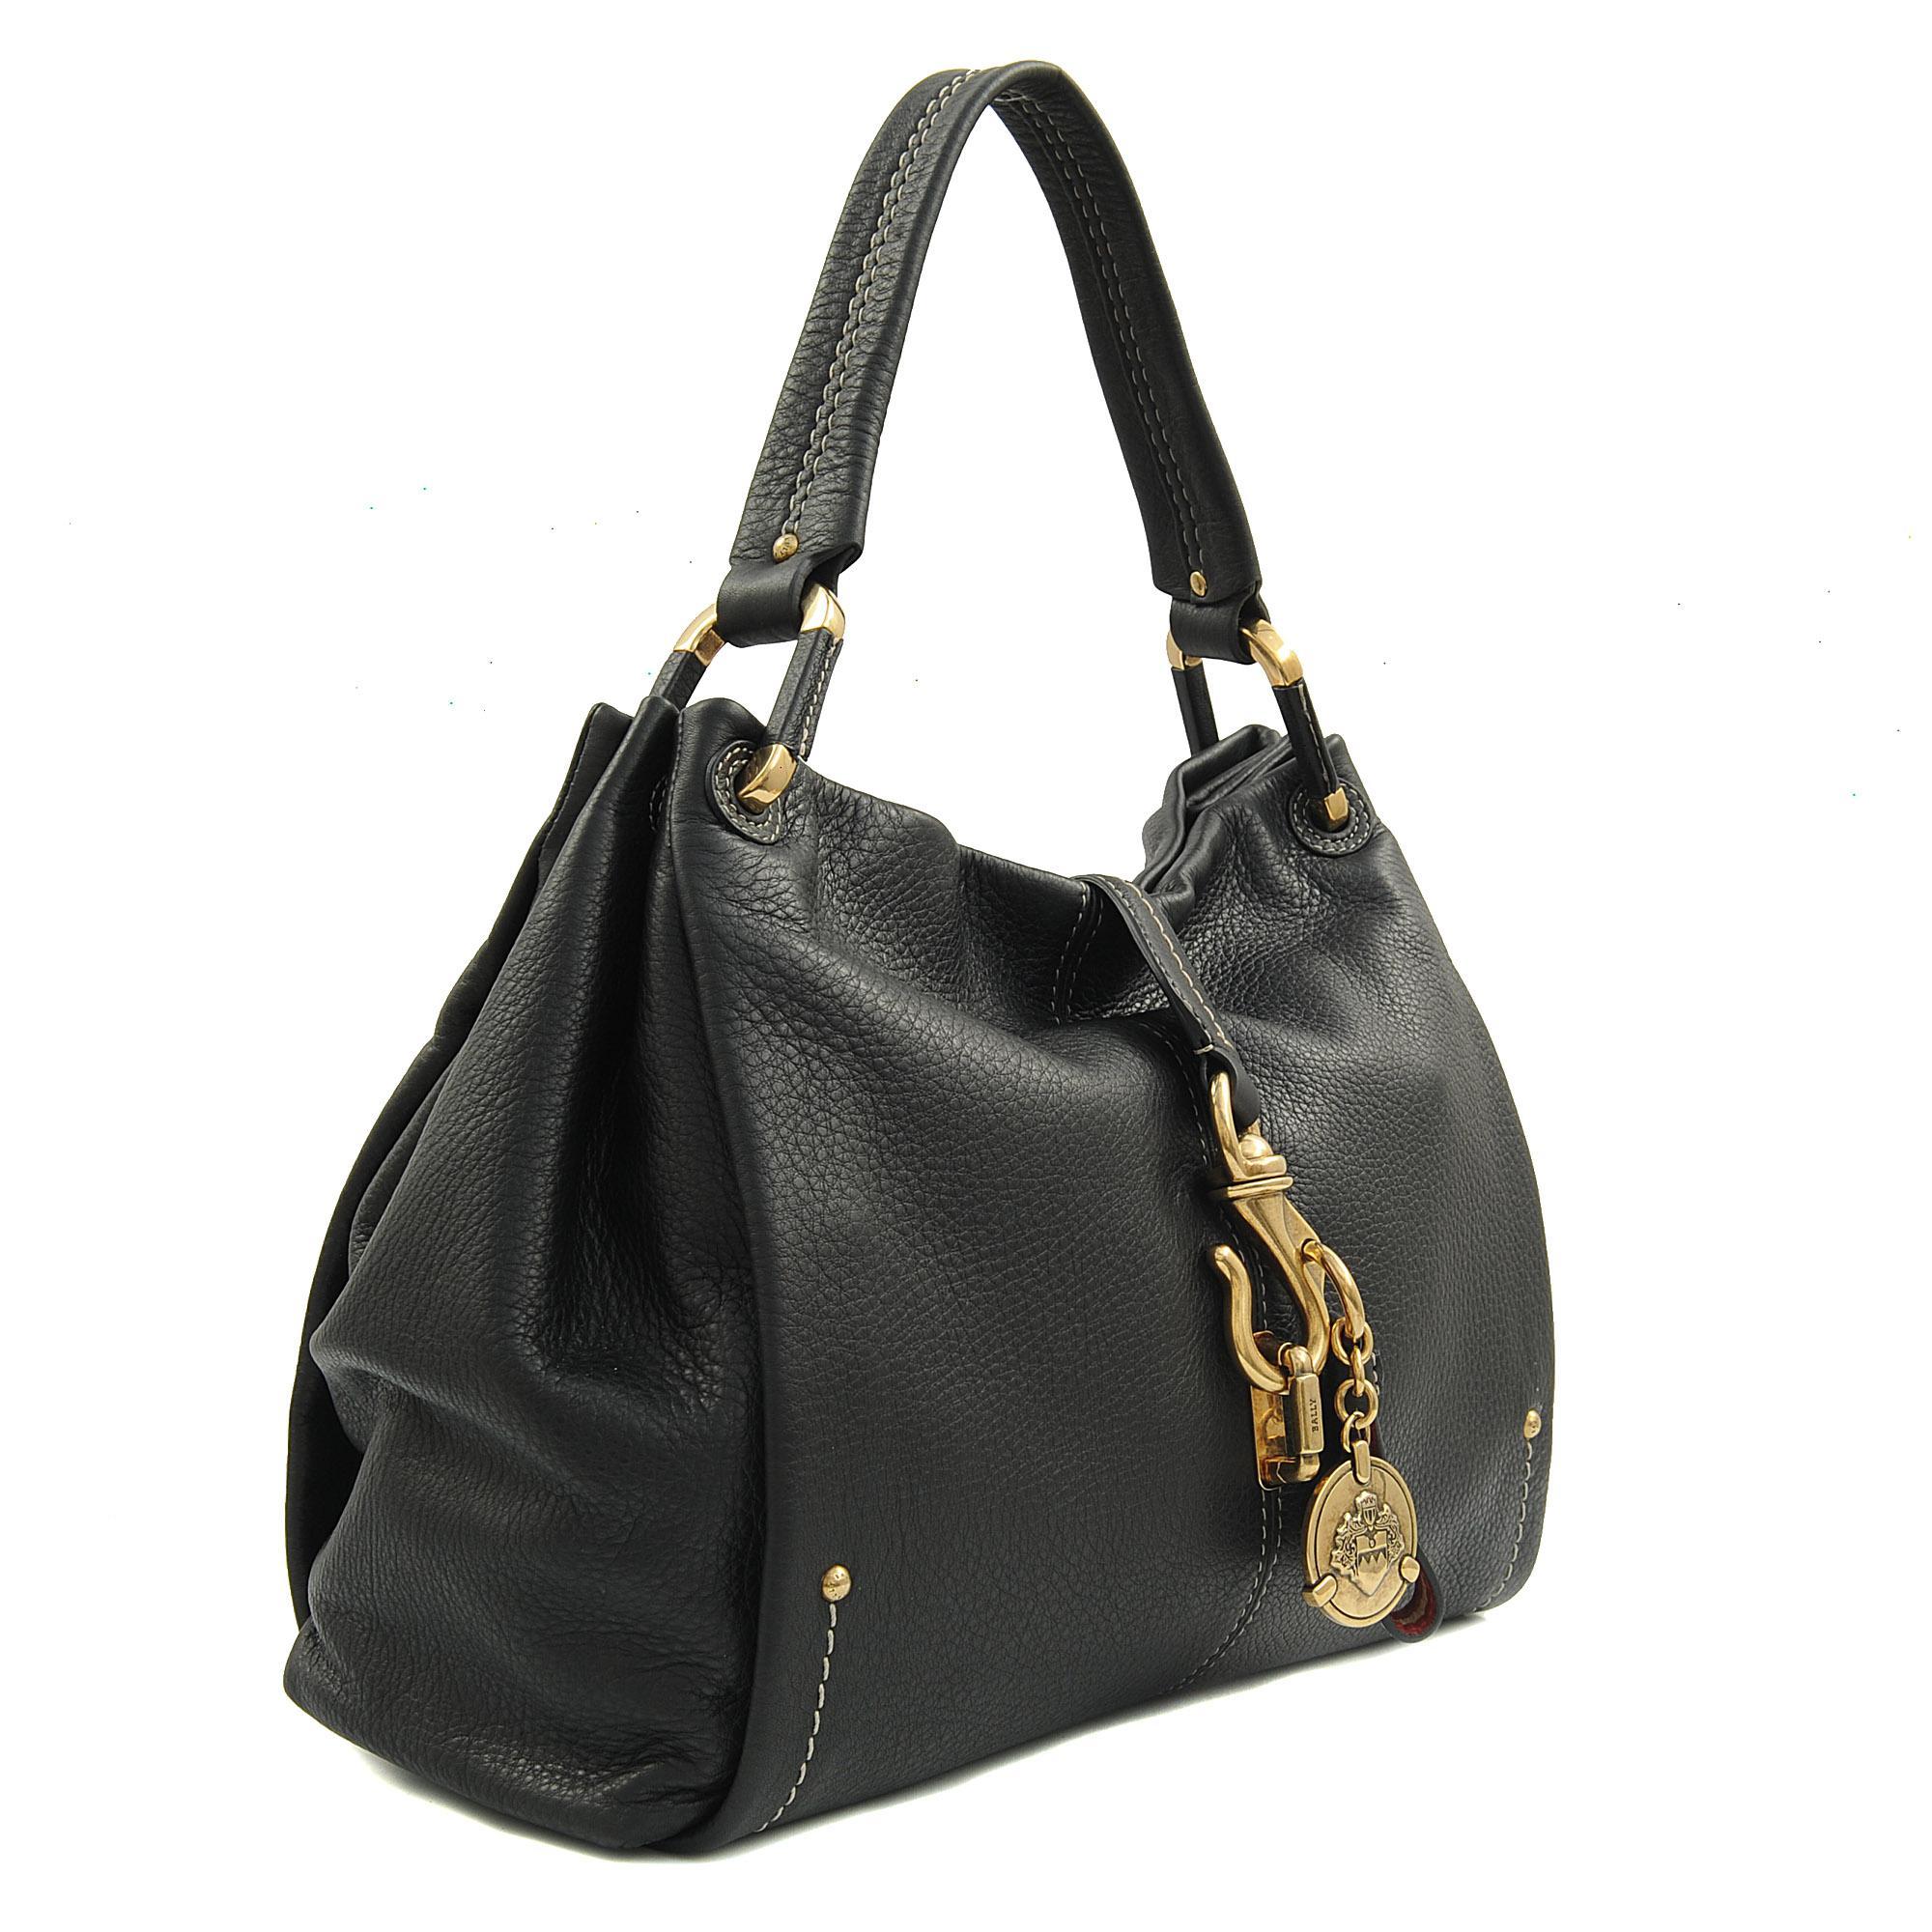 Bally Merli Hobo Bag In Black Lyst